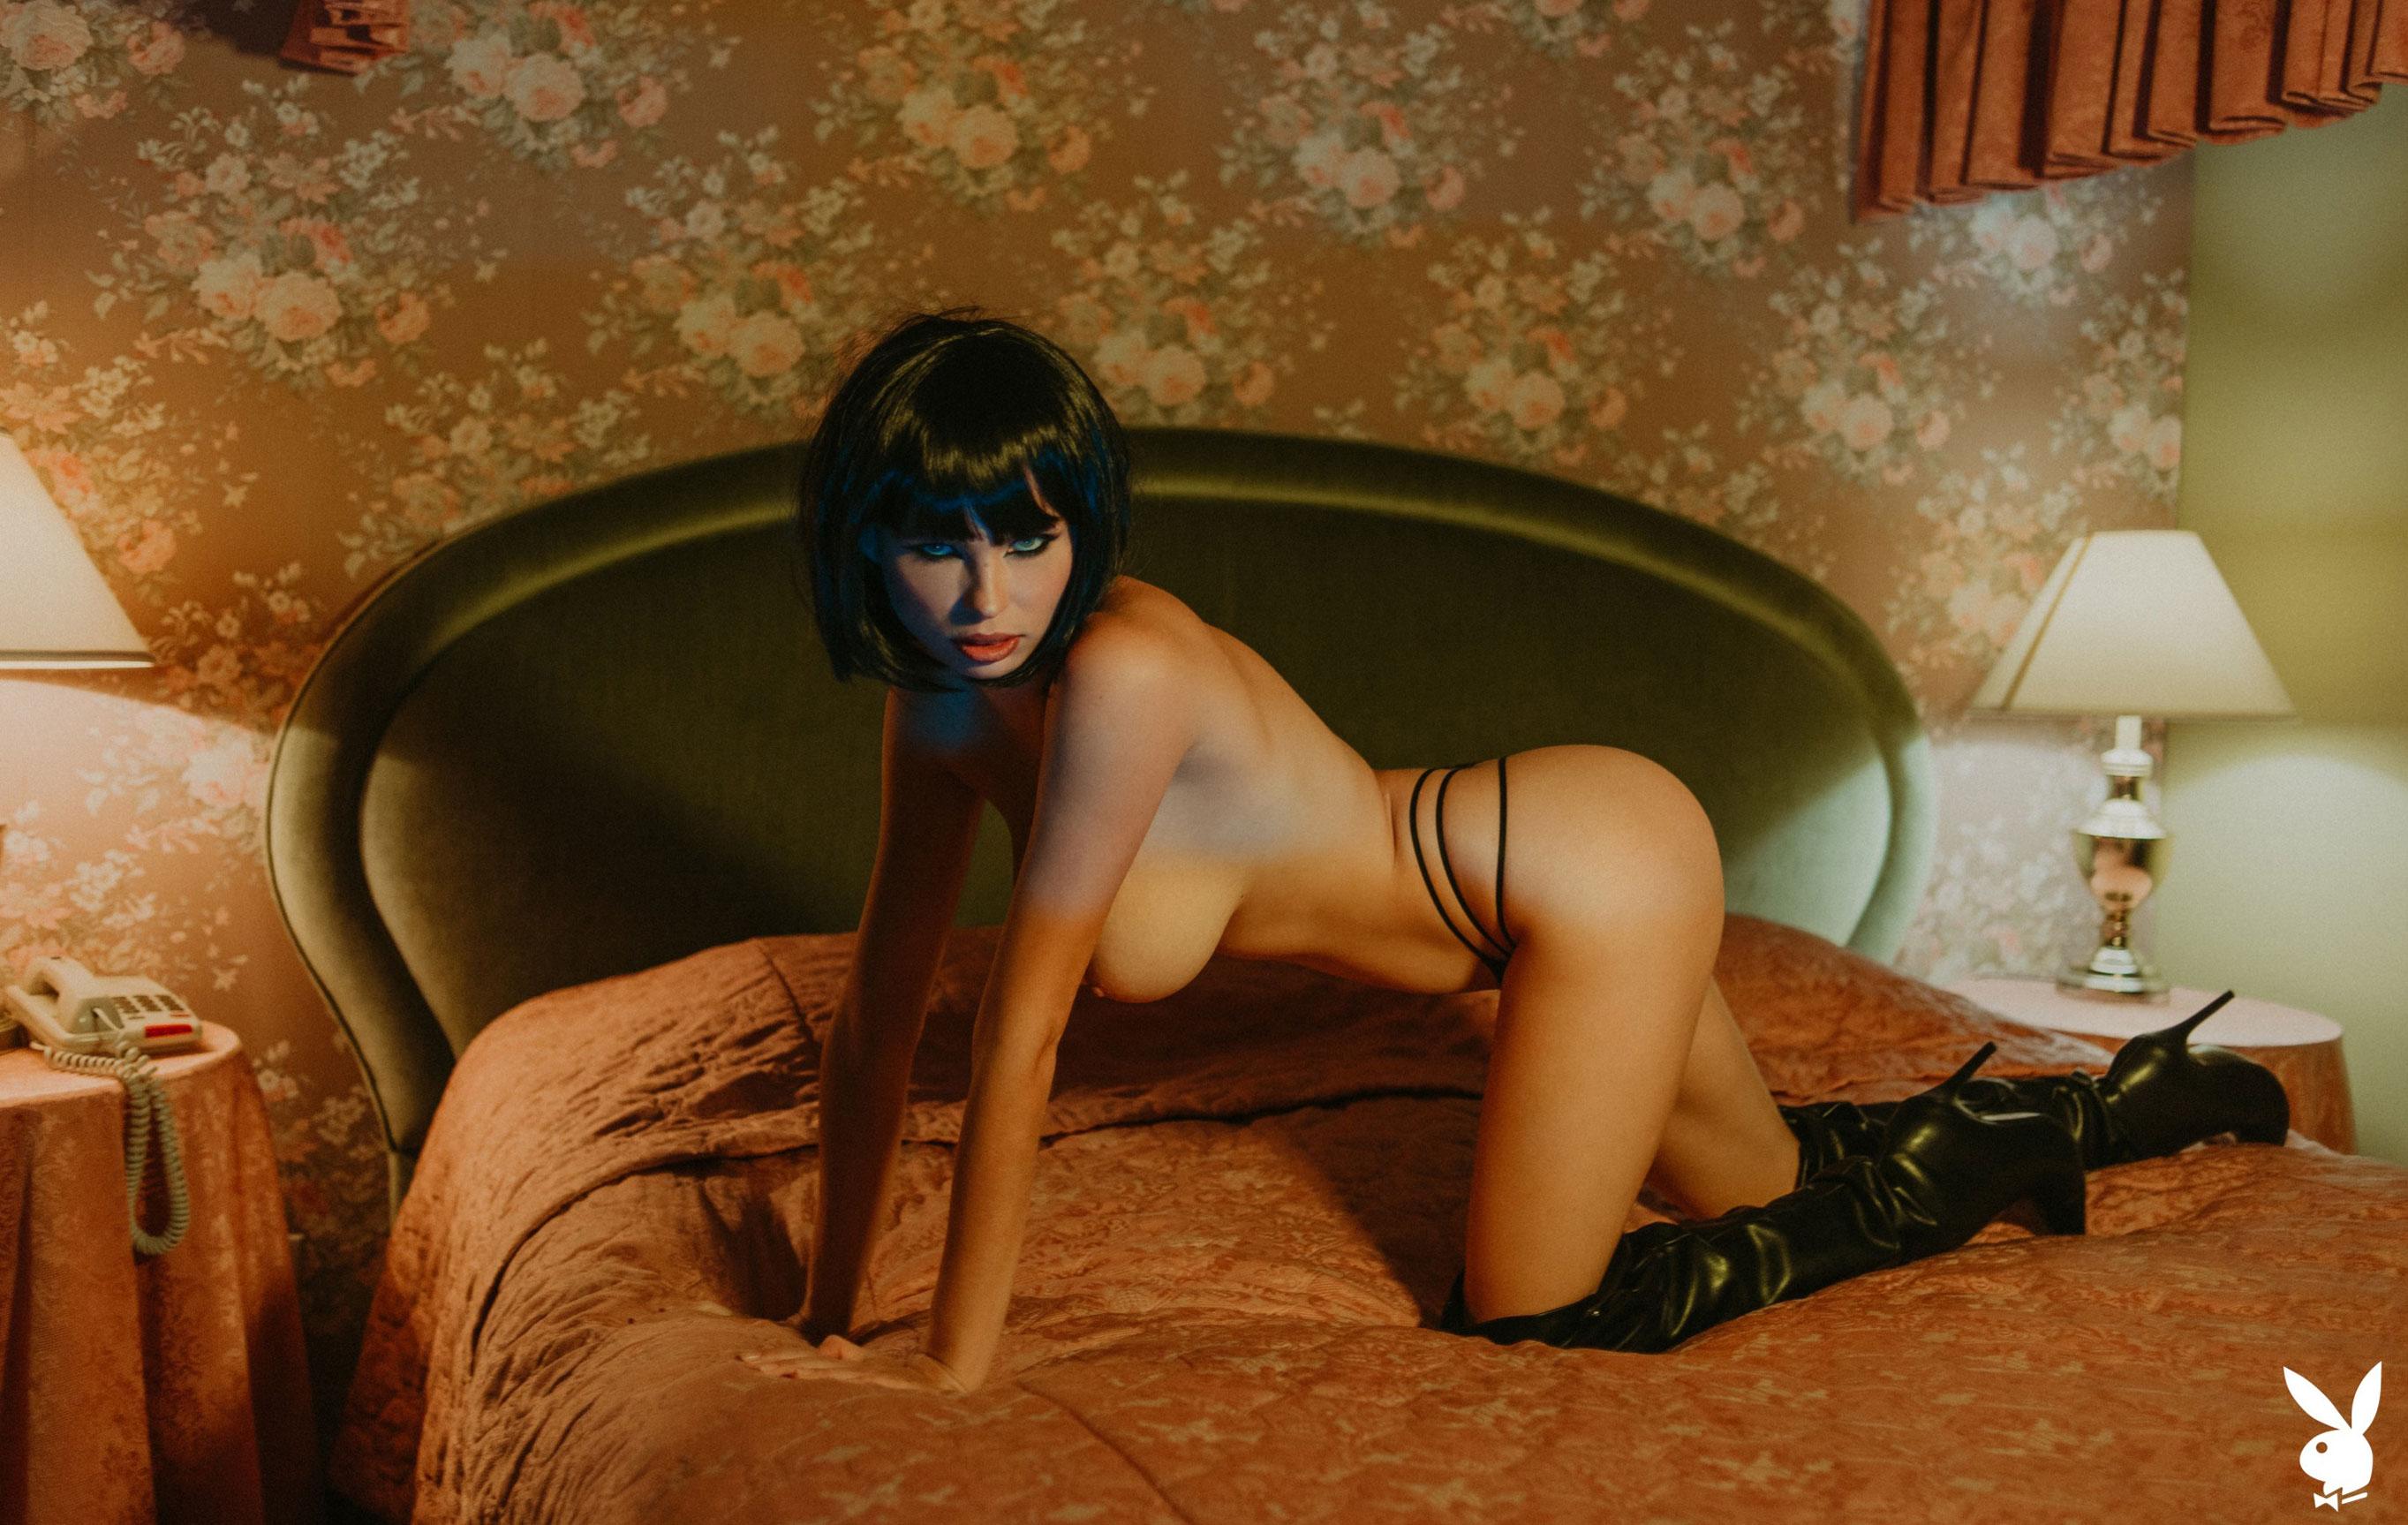 шпионская история / Юлия Логачева в гостиничном номере в Лос-Анджелесе / фото 05